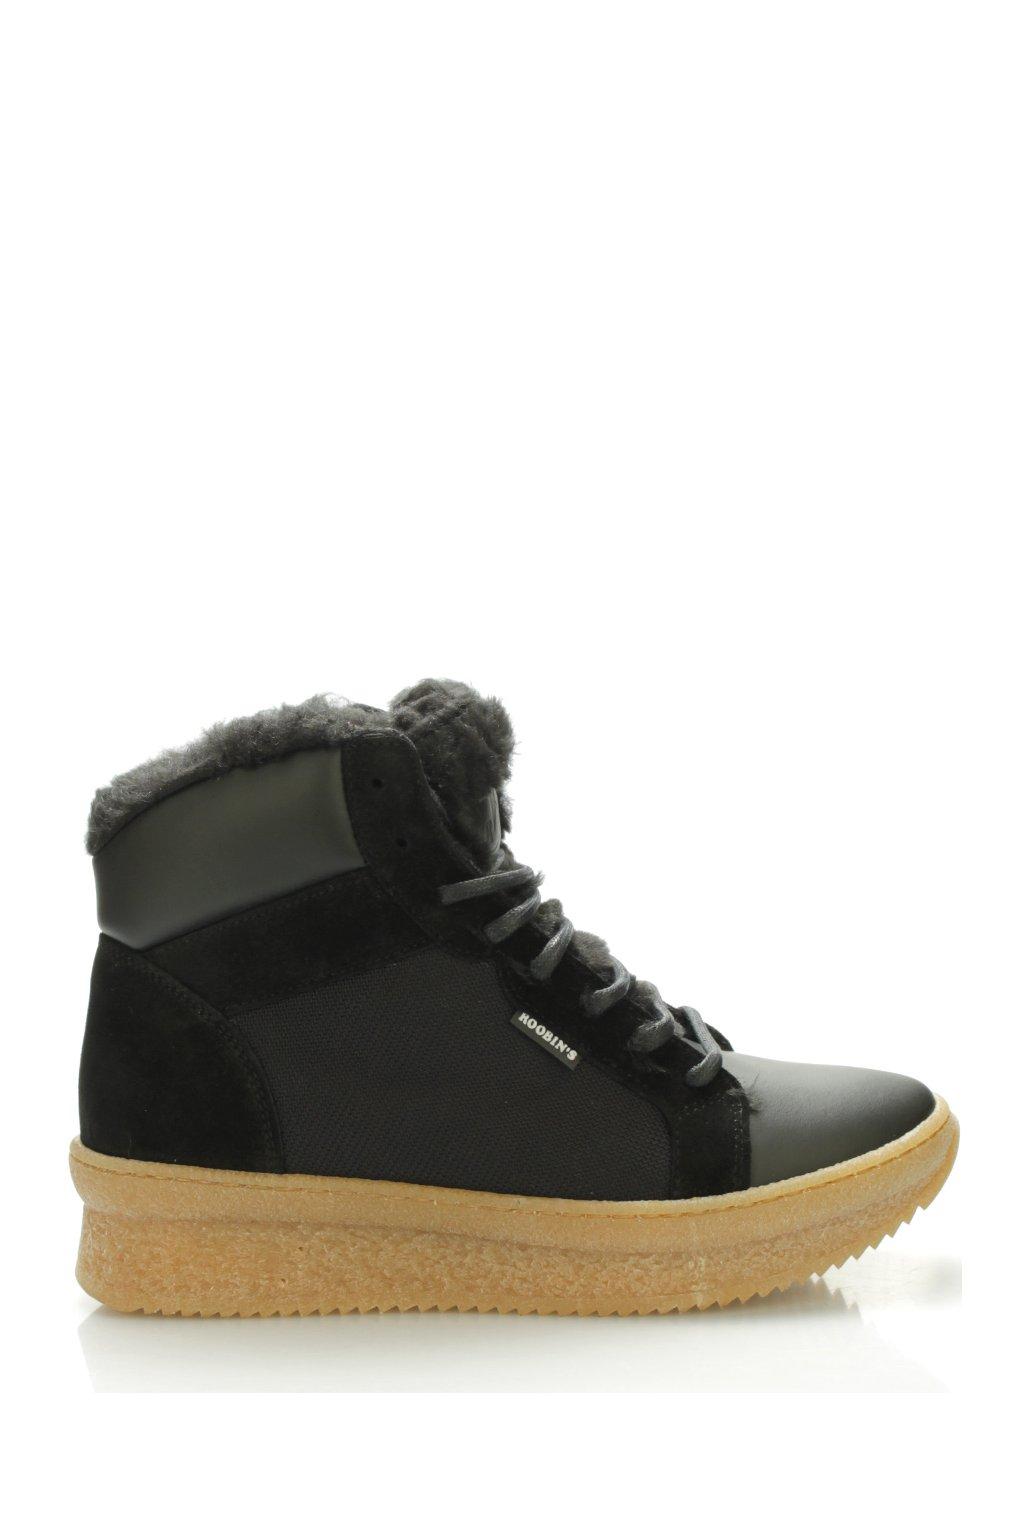 Černé zateplené boty s kožešinou Roobins